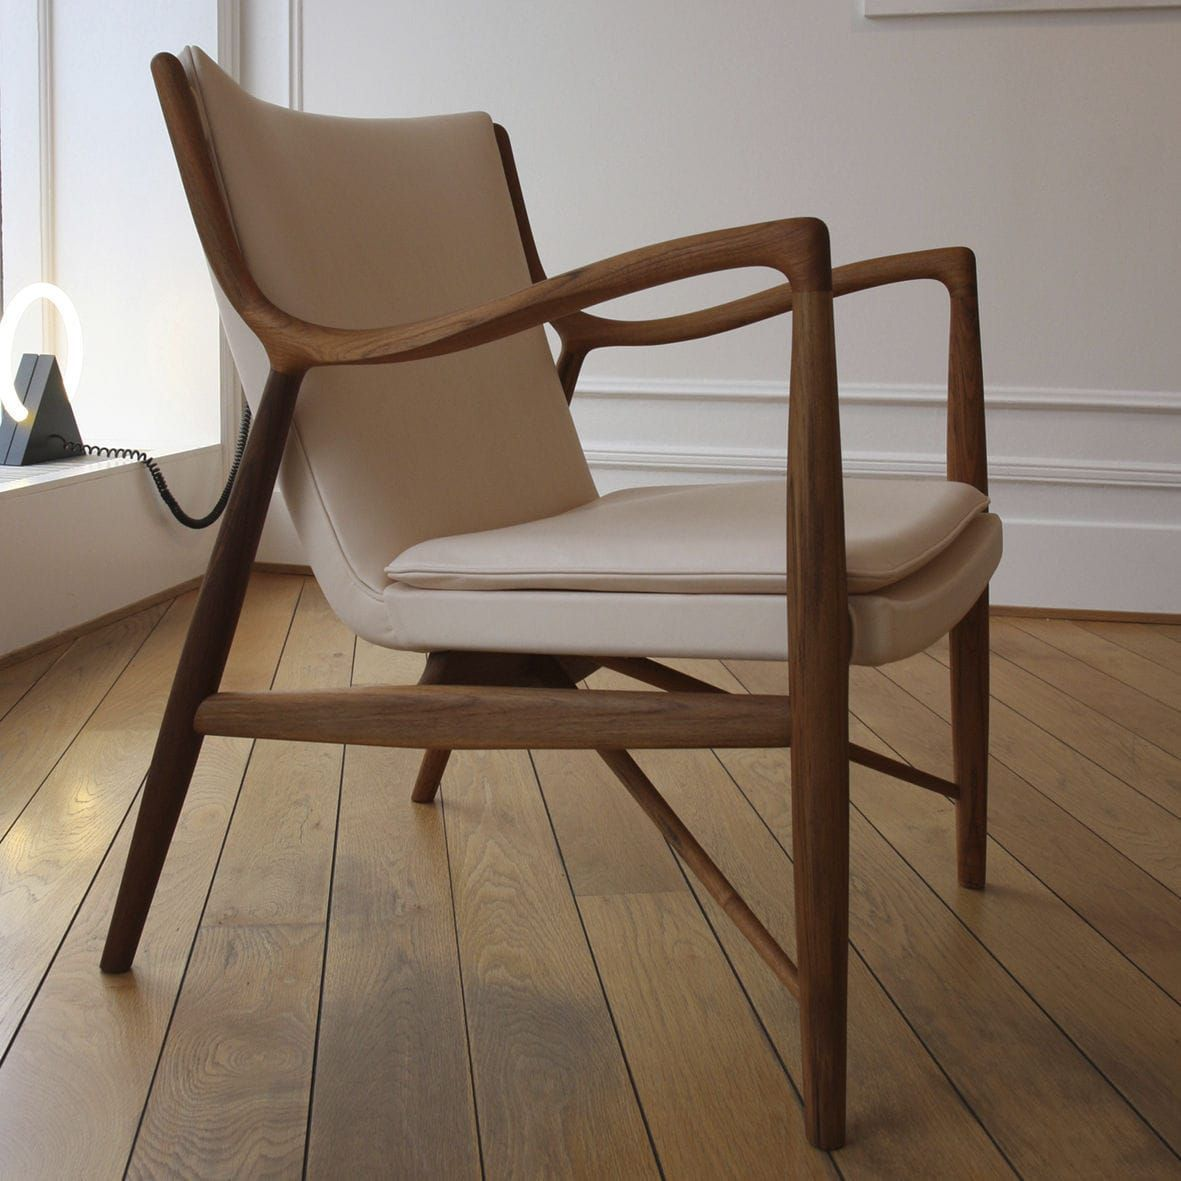 silln de diseo escandinavo de tela de madera de cuero